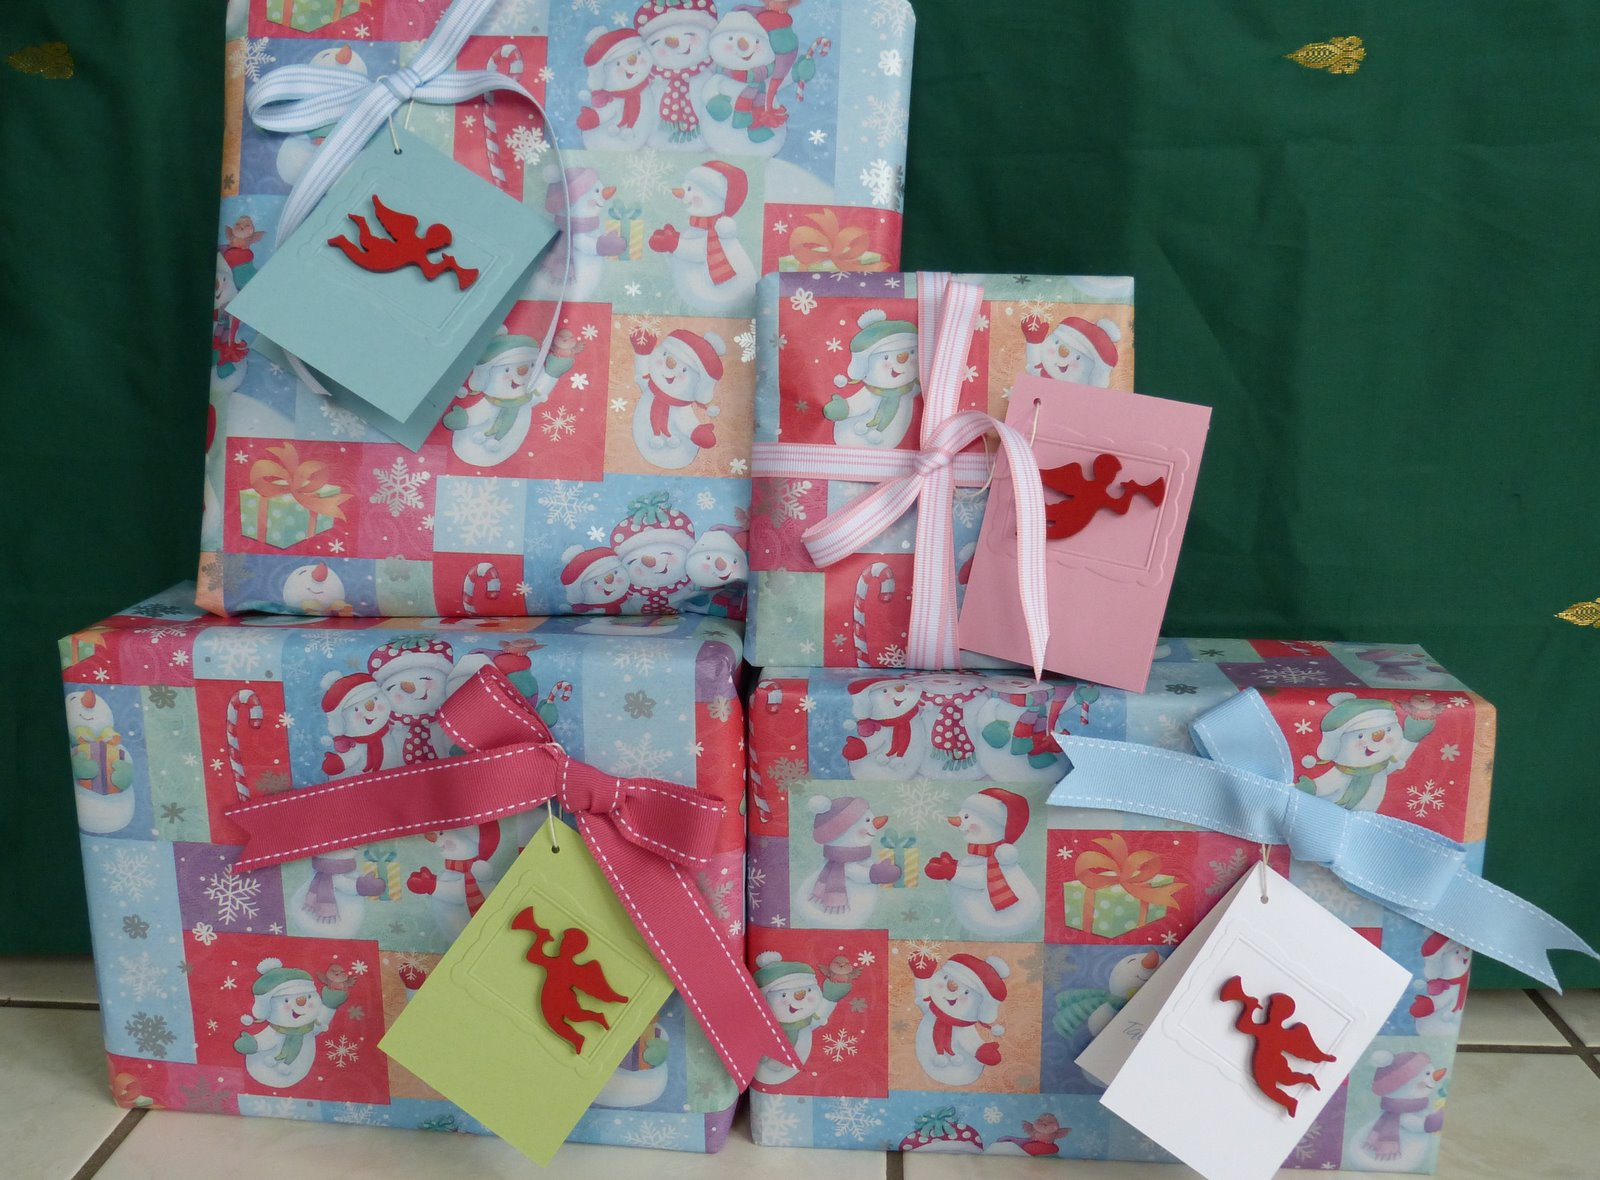 die Stempelküche - Stempeln, Scrappen, Träumen: Dezember 2011